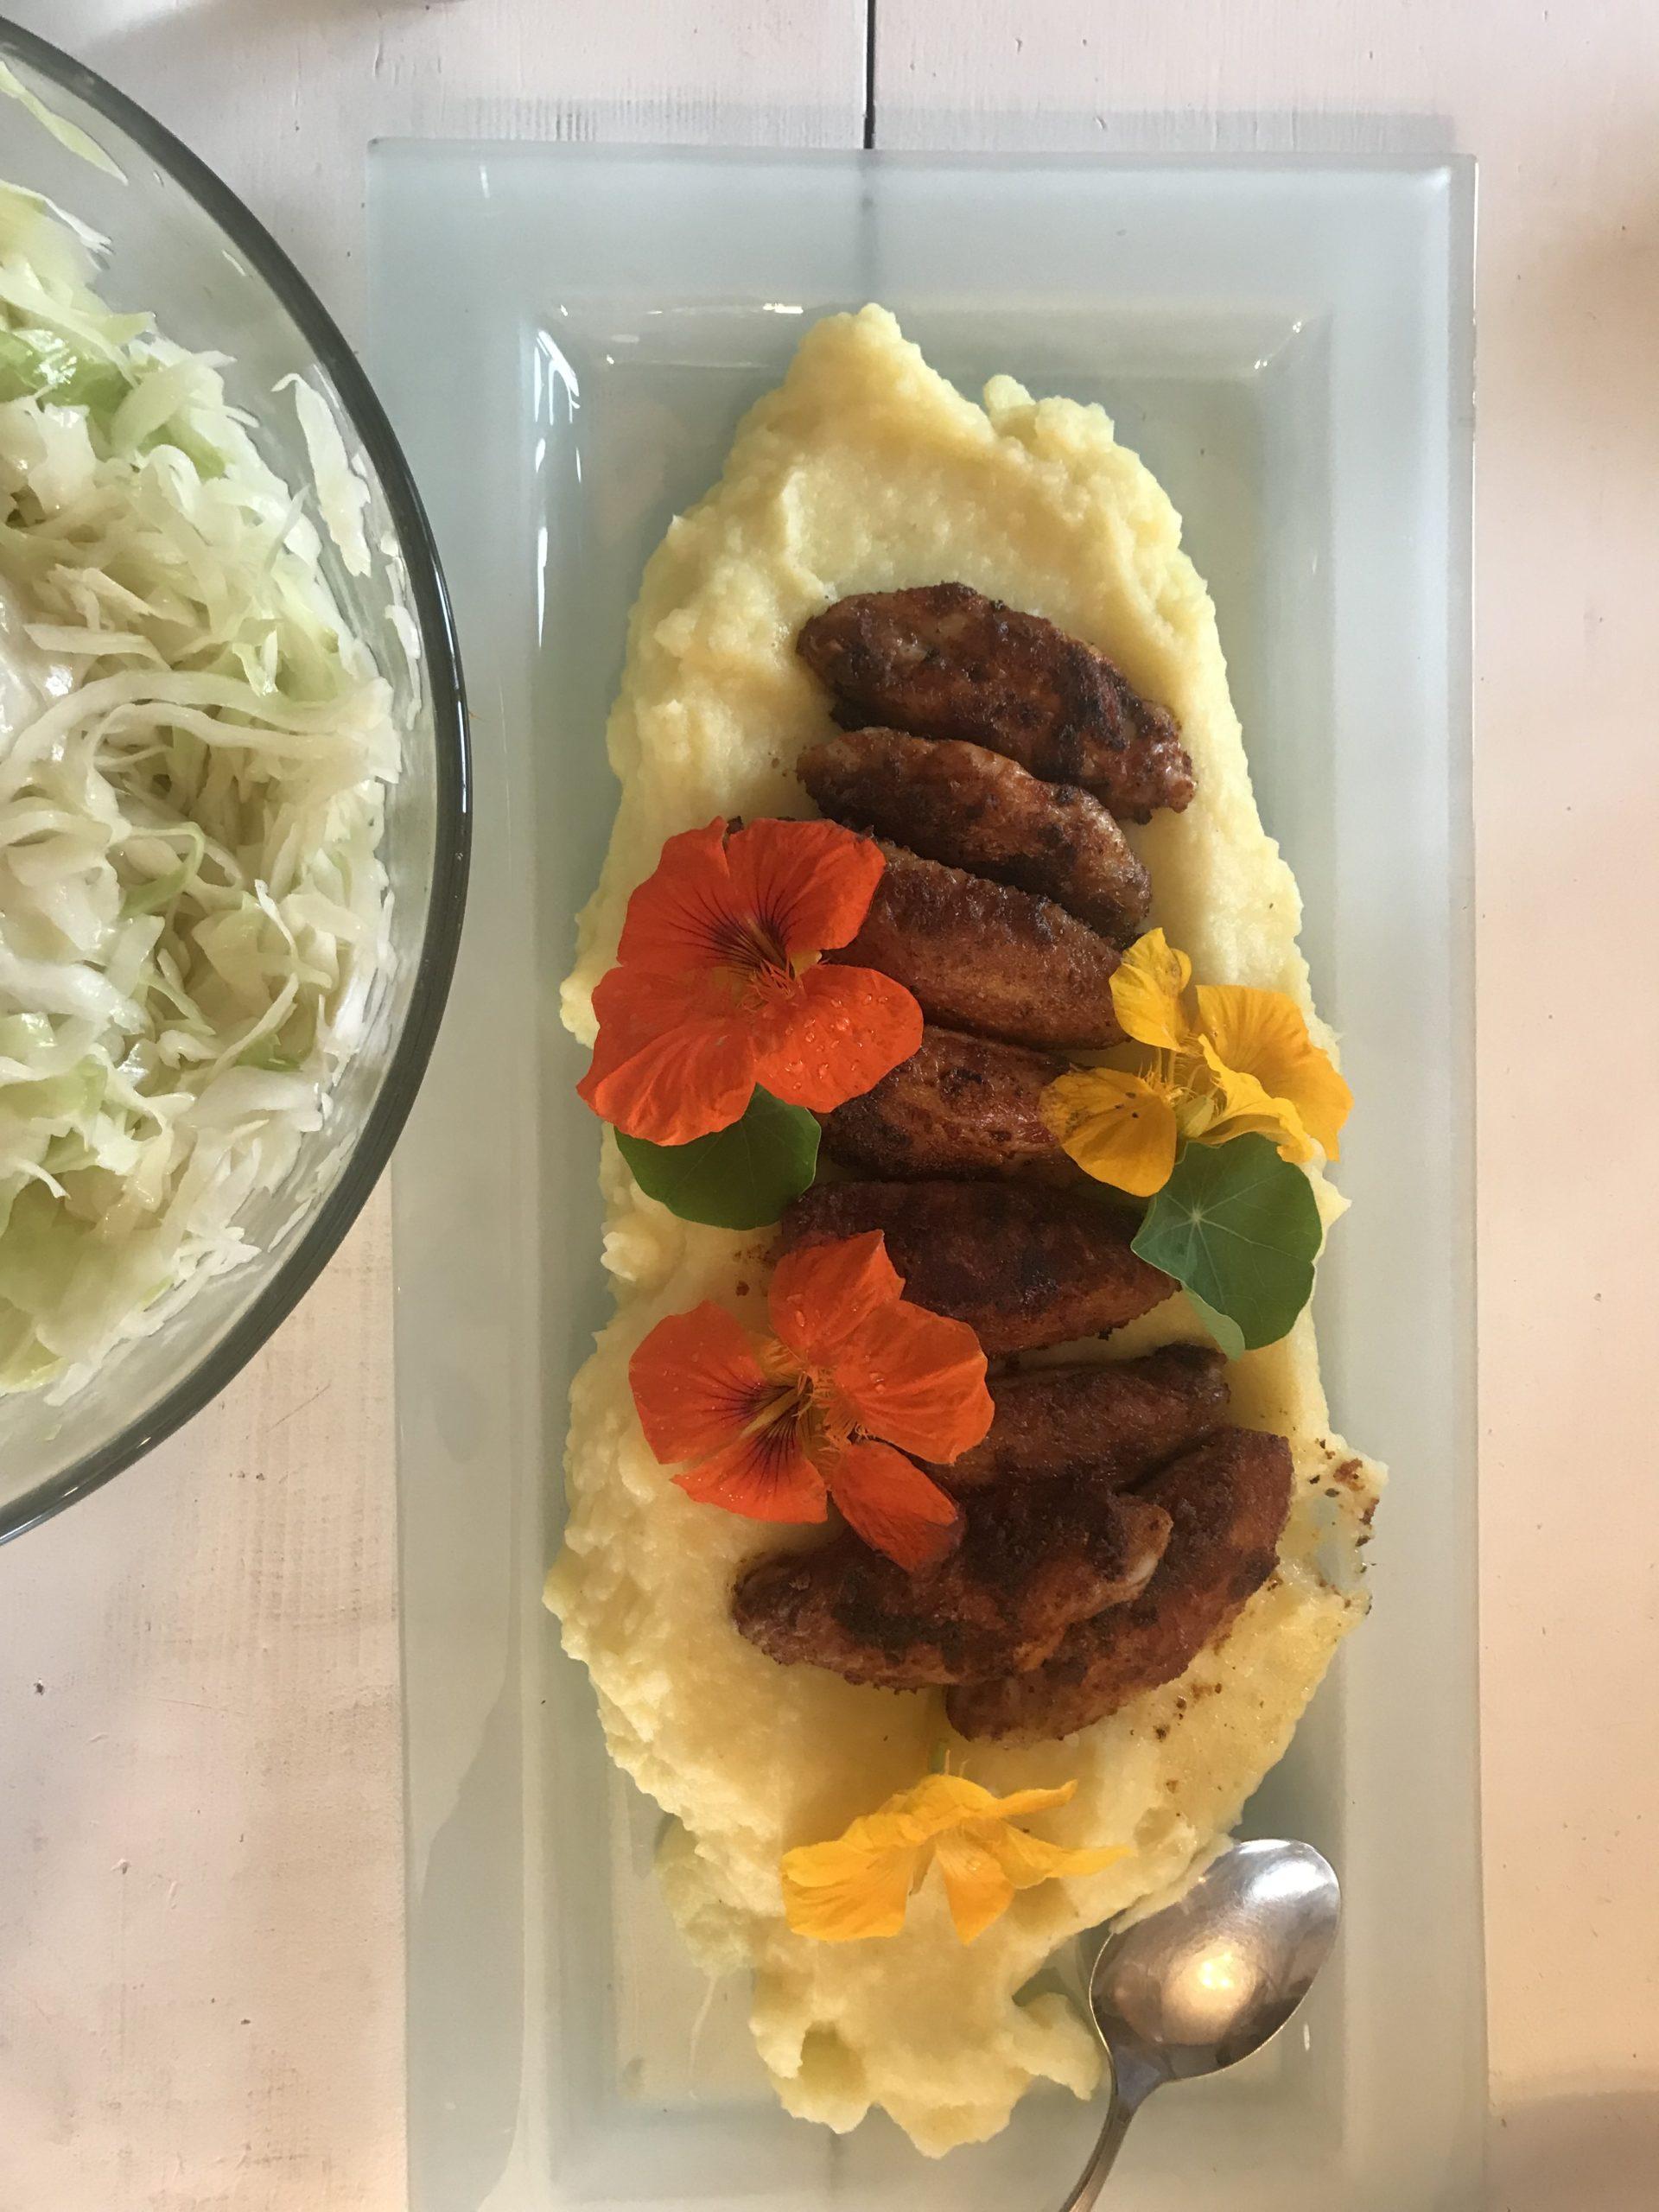 Kartoffelbrei mit Chickennuggets und Kapuzinierblüten auf einer Glasplatte